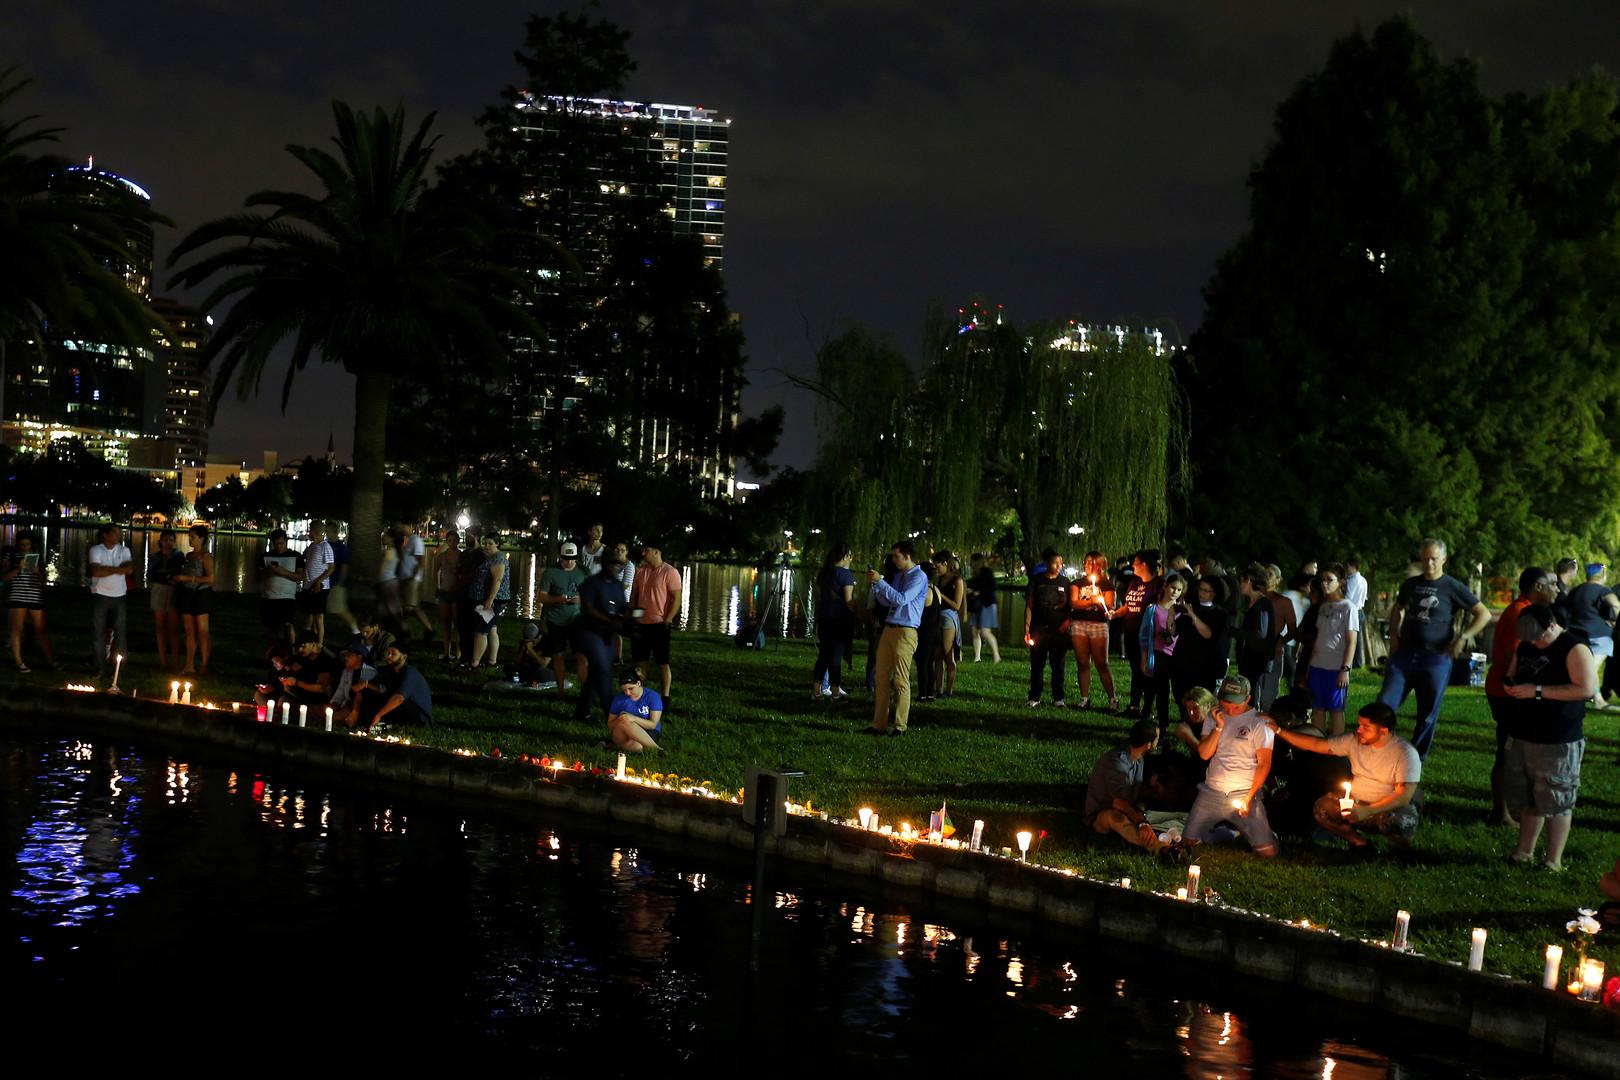 Жители Орландо, штат Флорида, несут свечи в память о погибших в ночном клубе